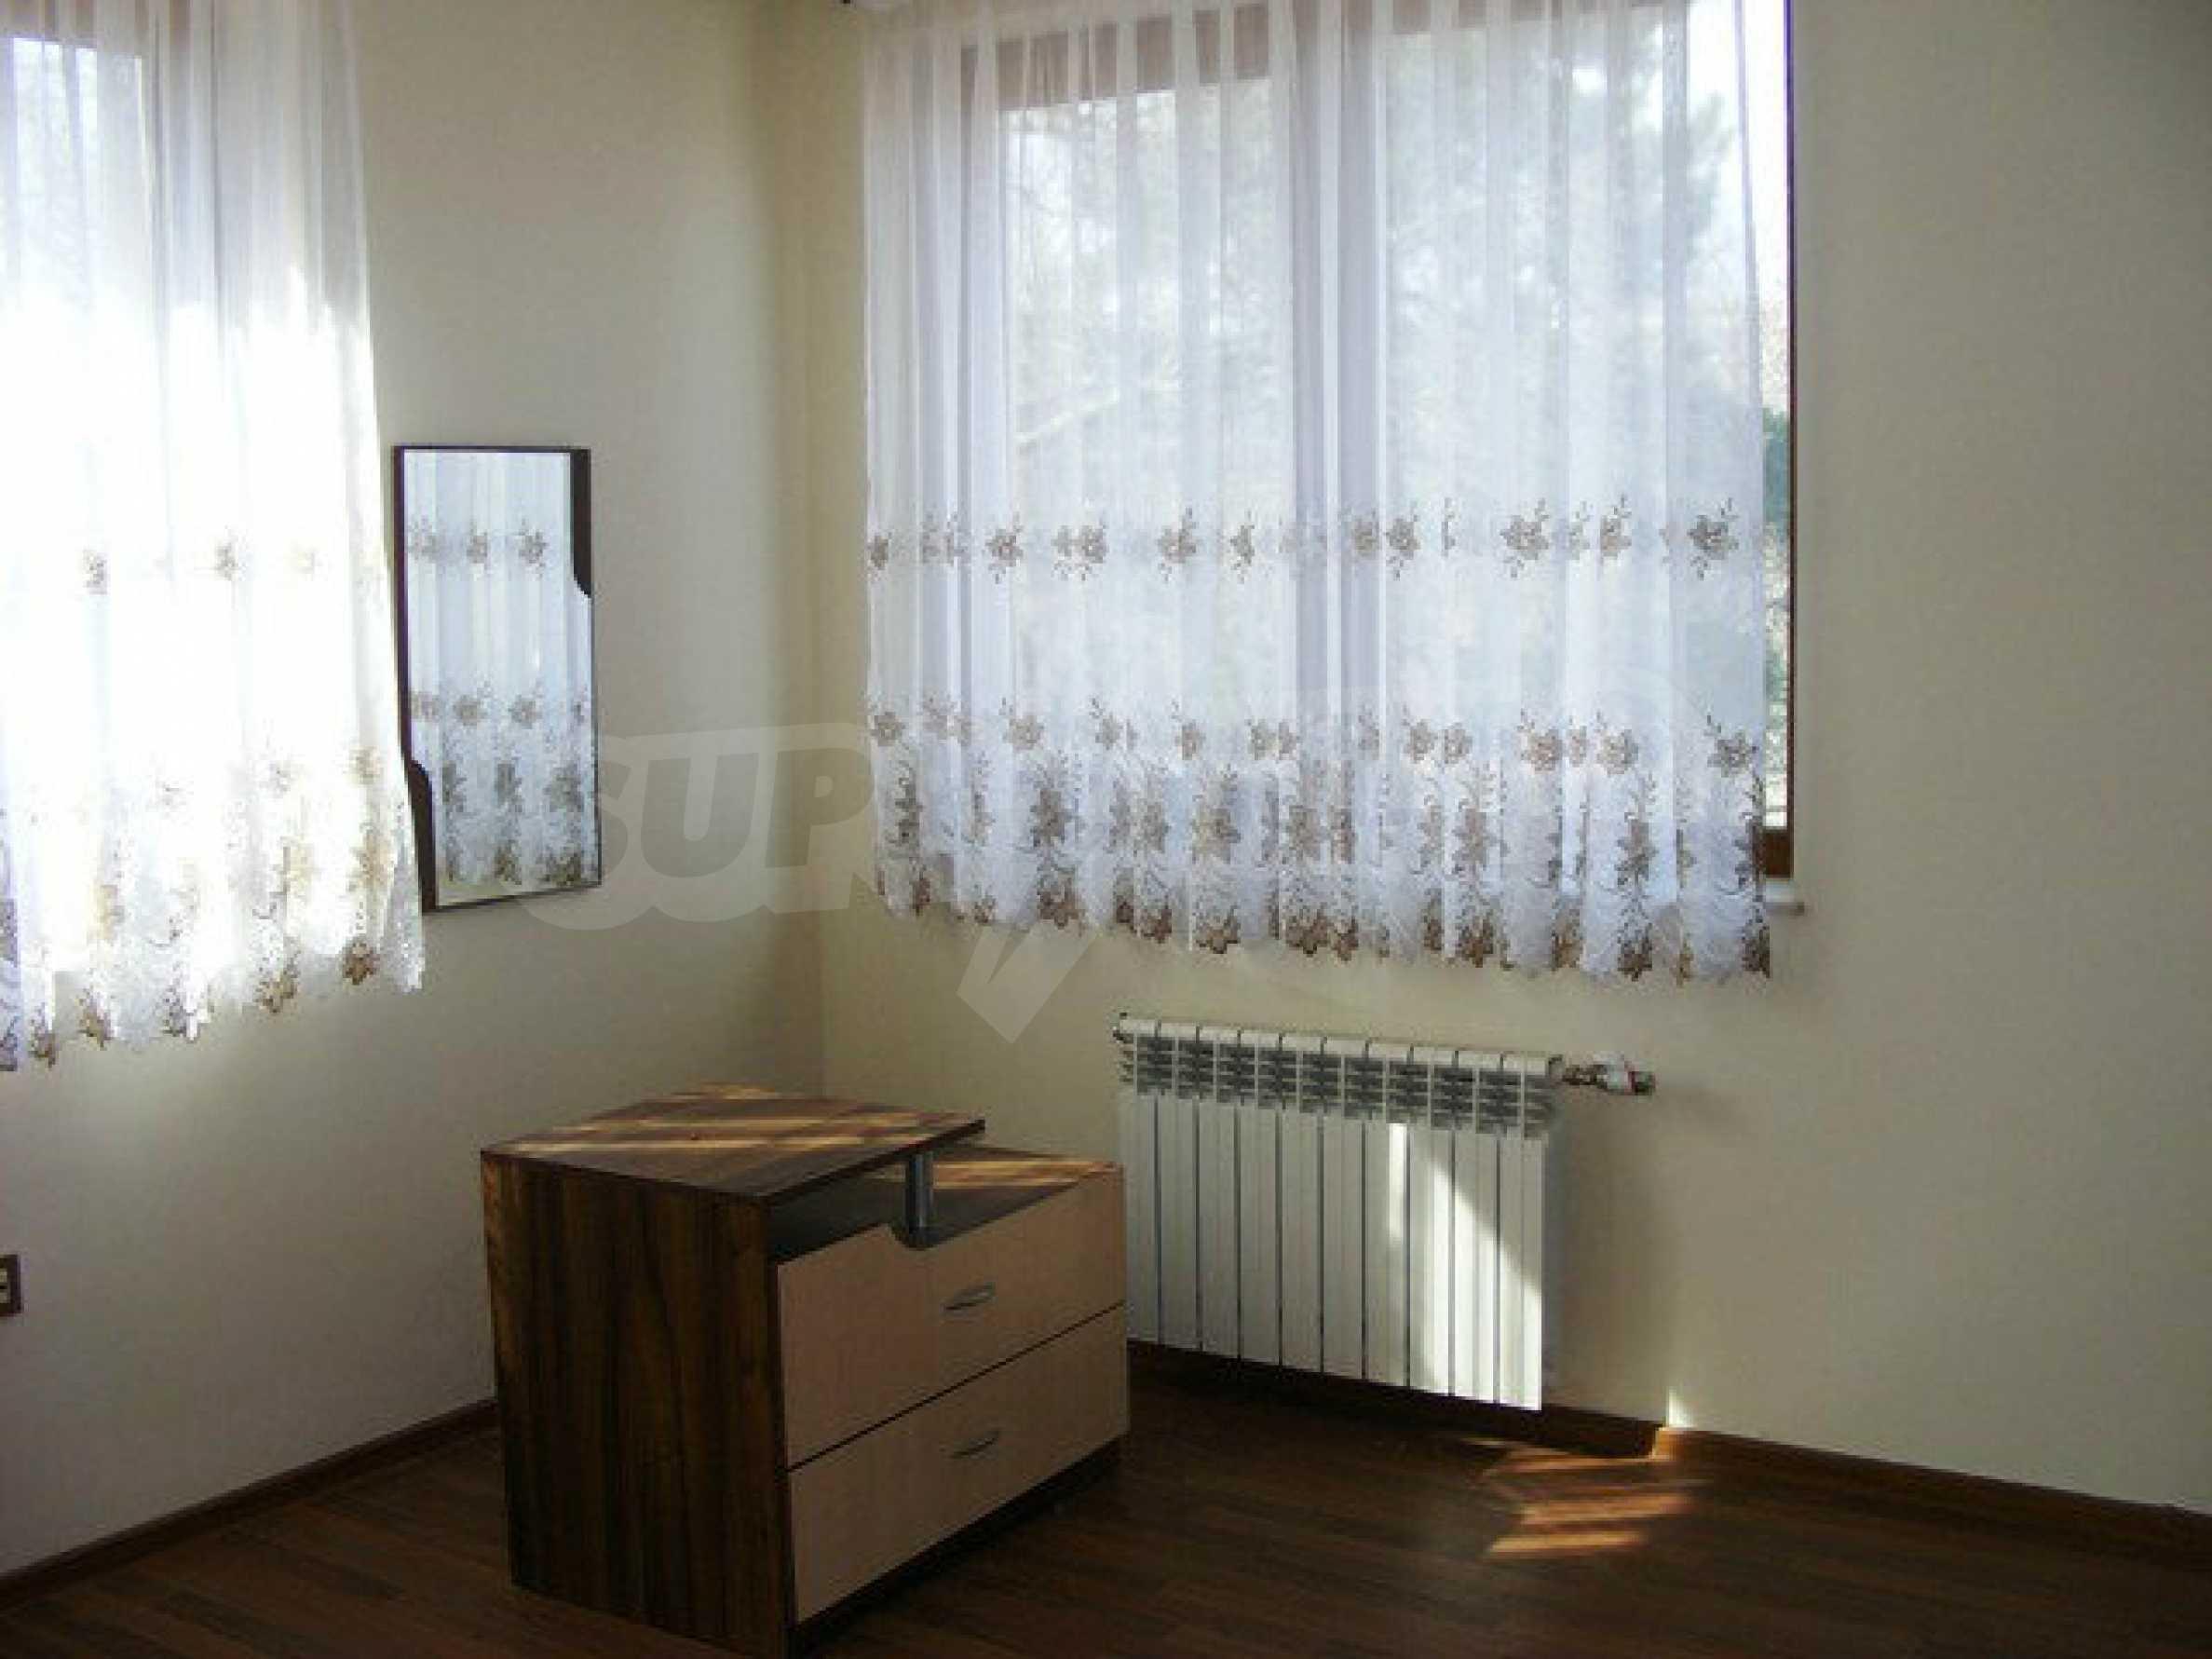 Gänseblümchen-Wohnung 11